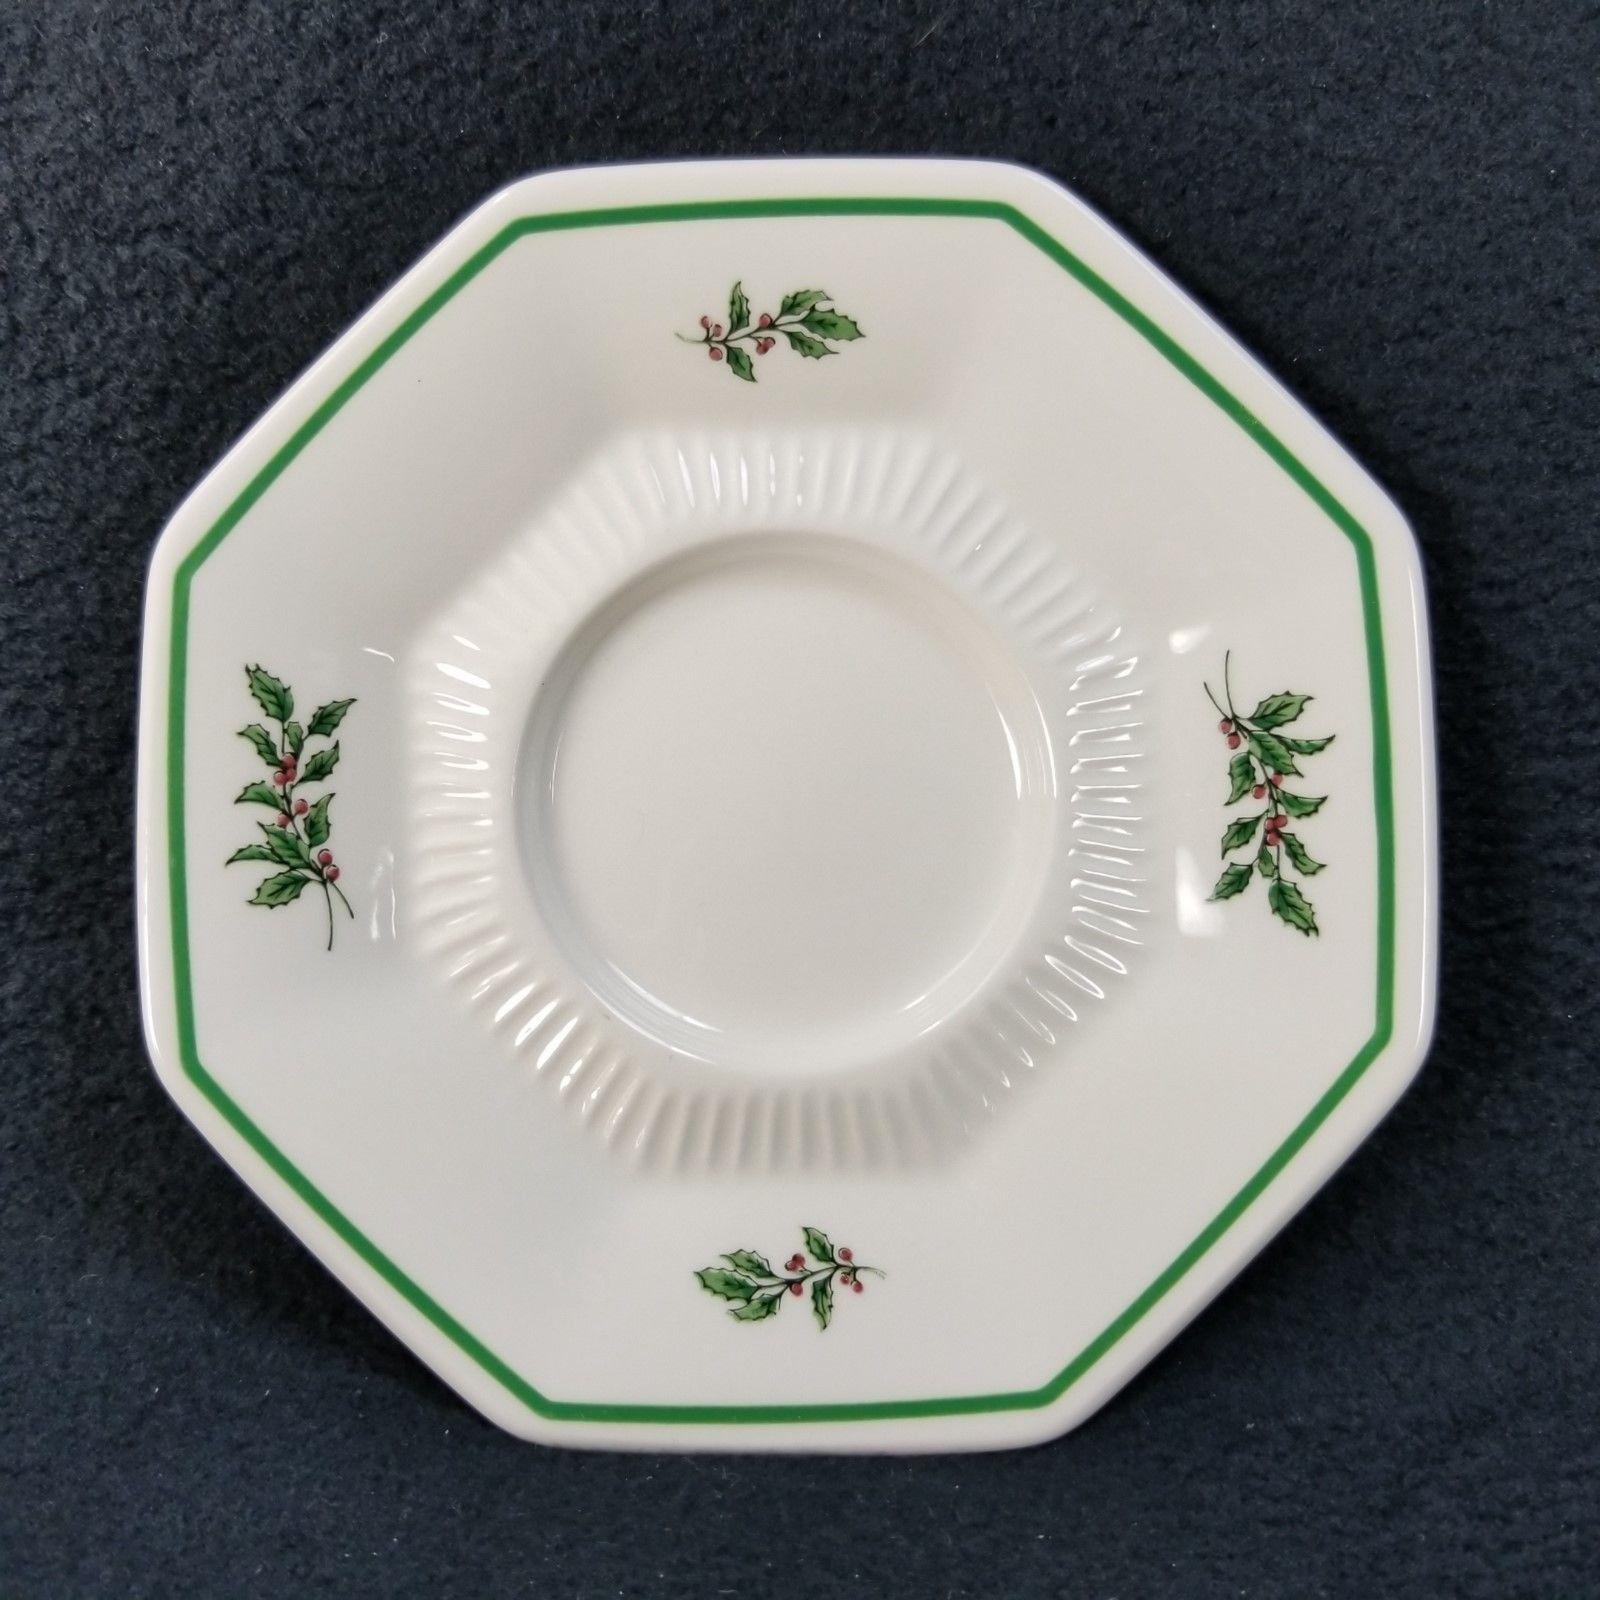 Nikko Dinner Plates: 13 listings